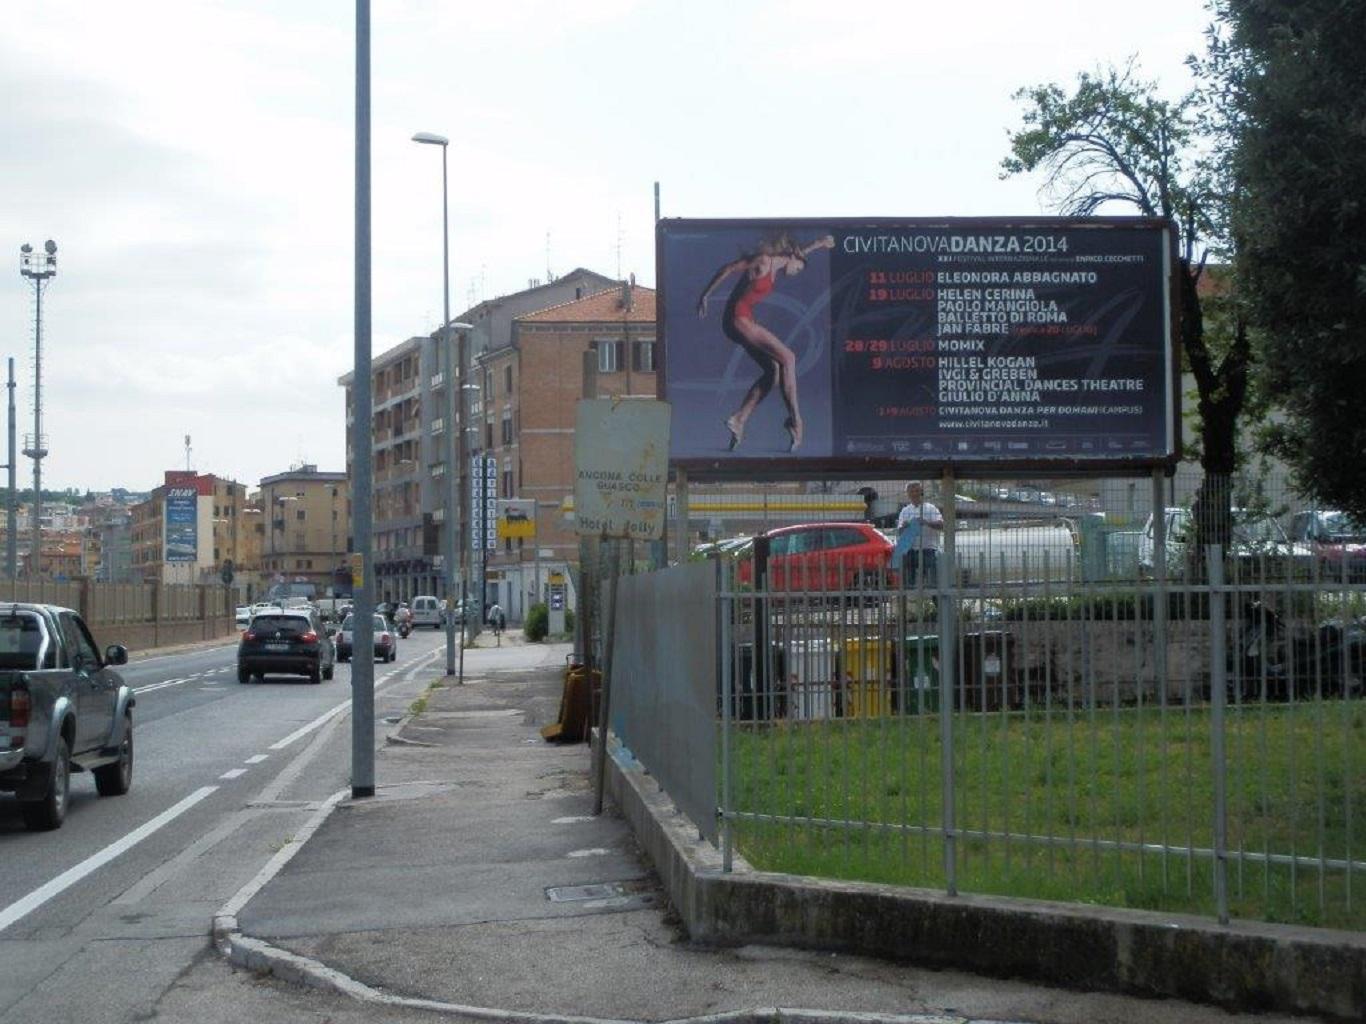 via flaminia dir ancona (3)